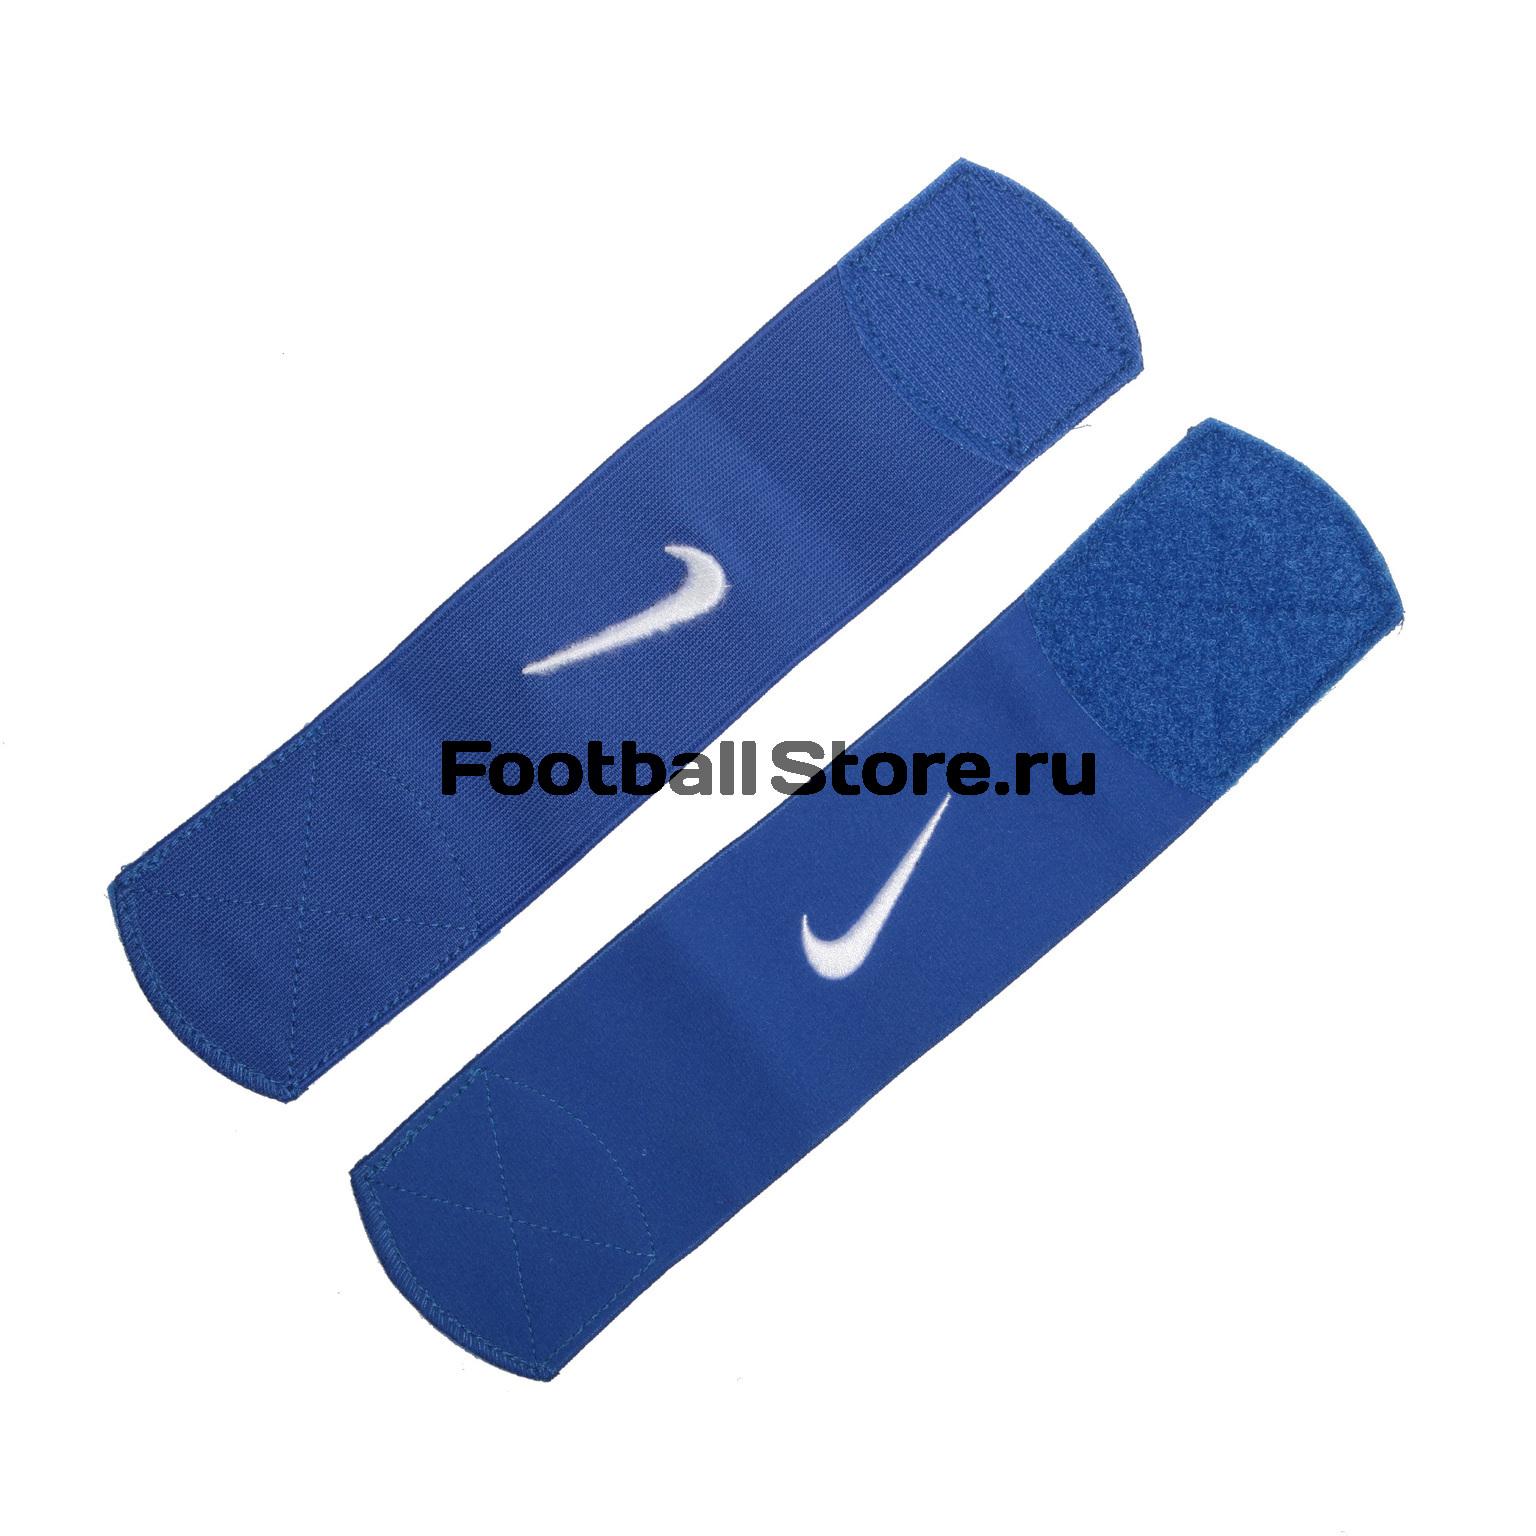 Повязка для фиксации щитка Nike SE0047-498 повязка для фиксации щитка nike se0047 401